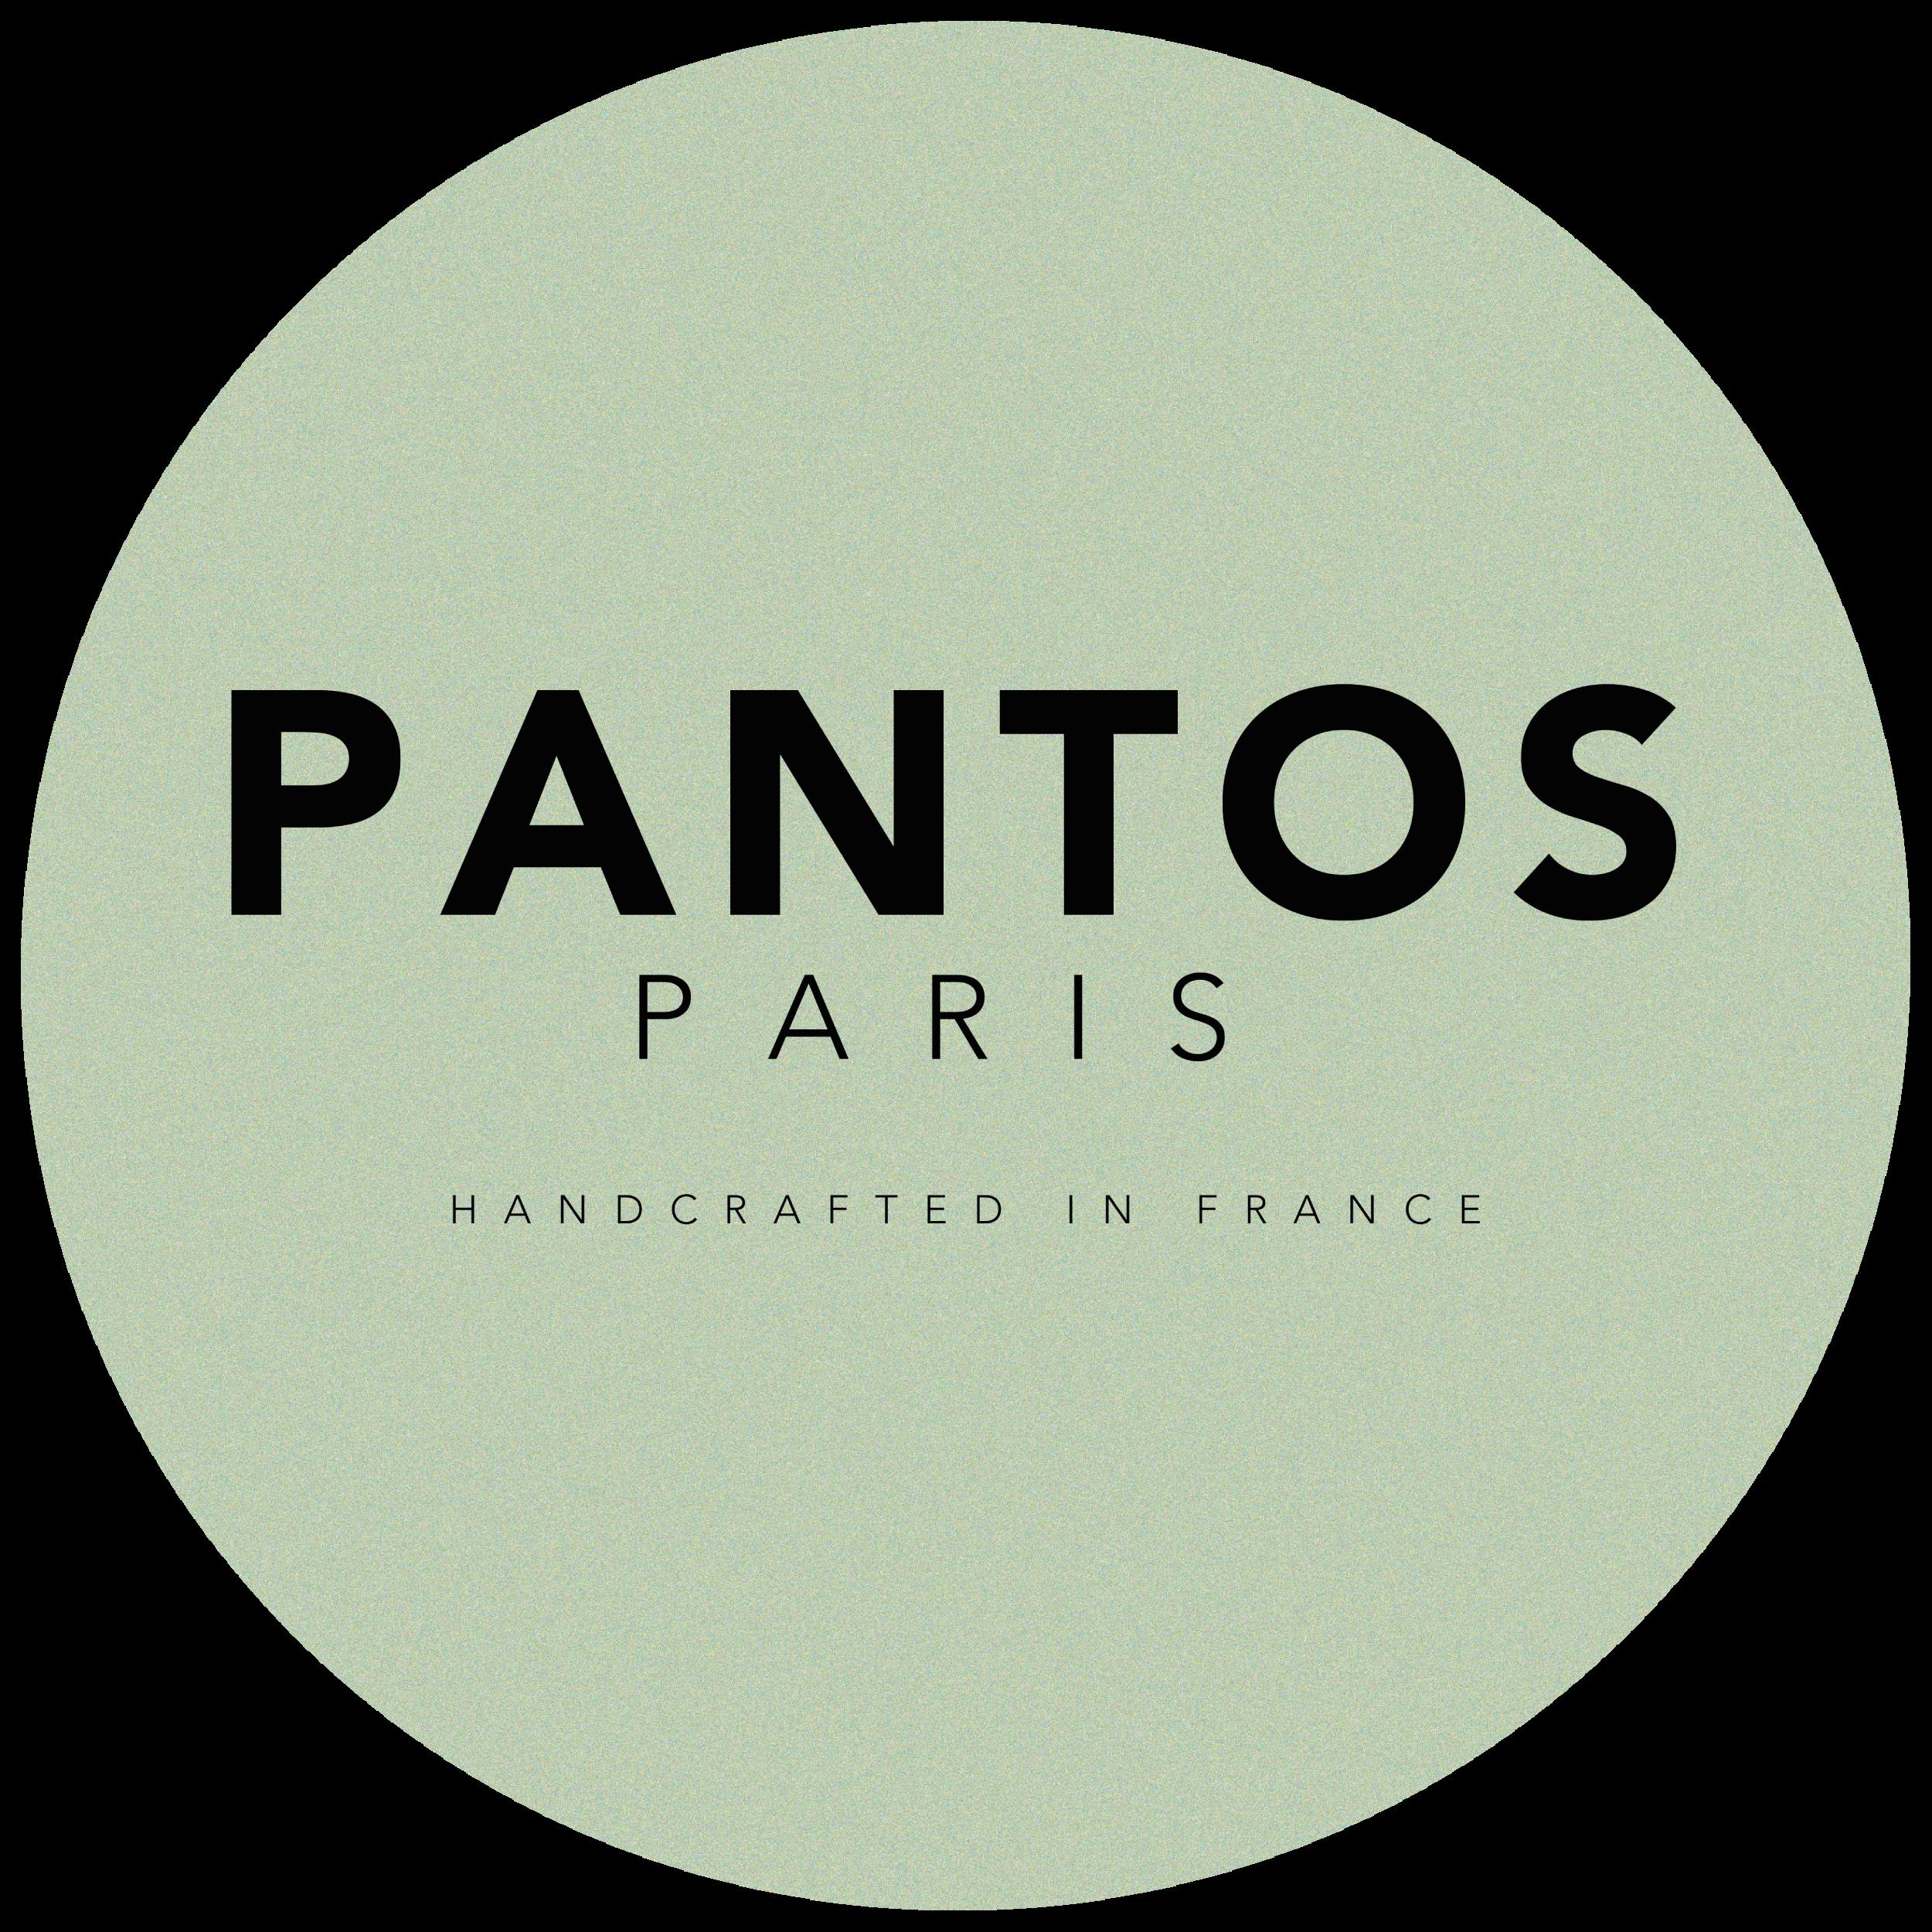 Pantos Paris